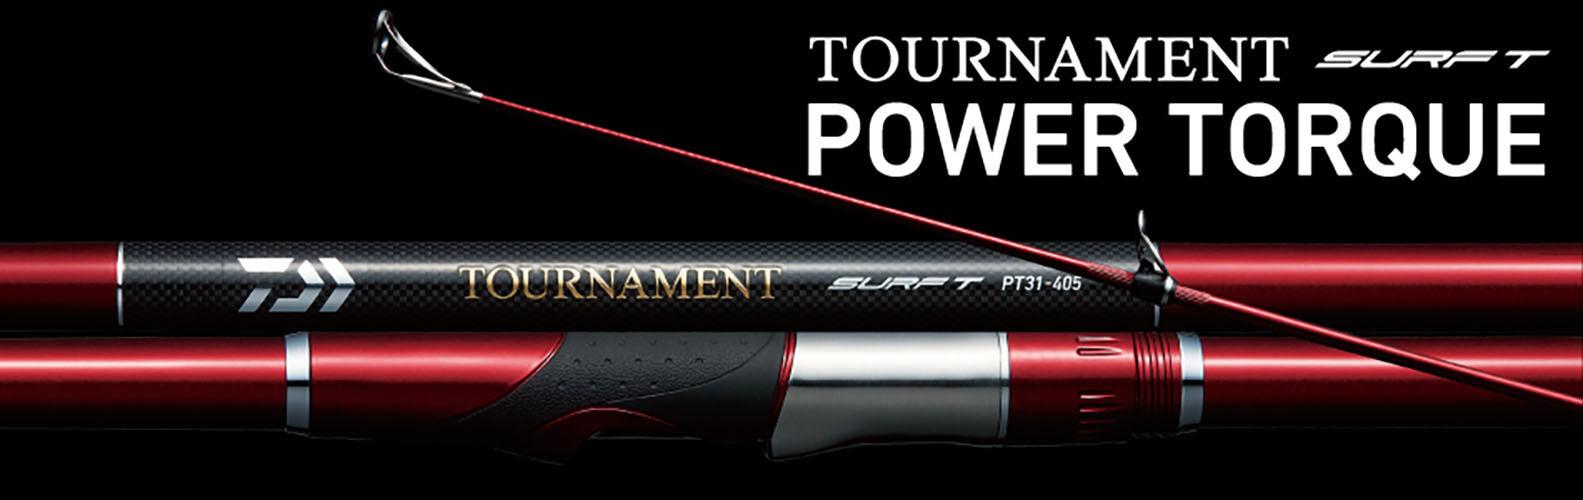 Daiwa Tournament sale T potencia par 31-425 e 13' 9  Japón Caña Pesca Giratoria